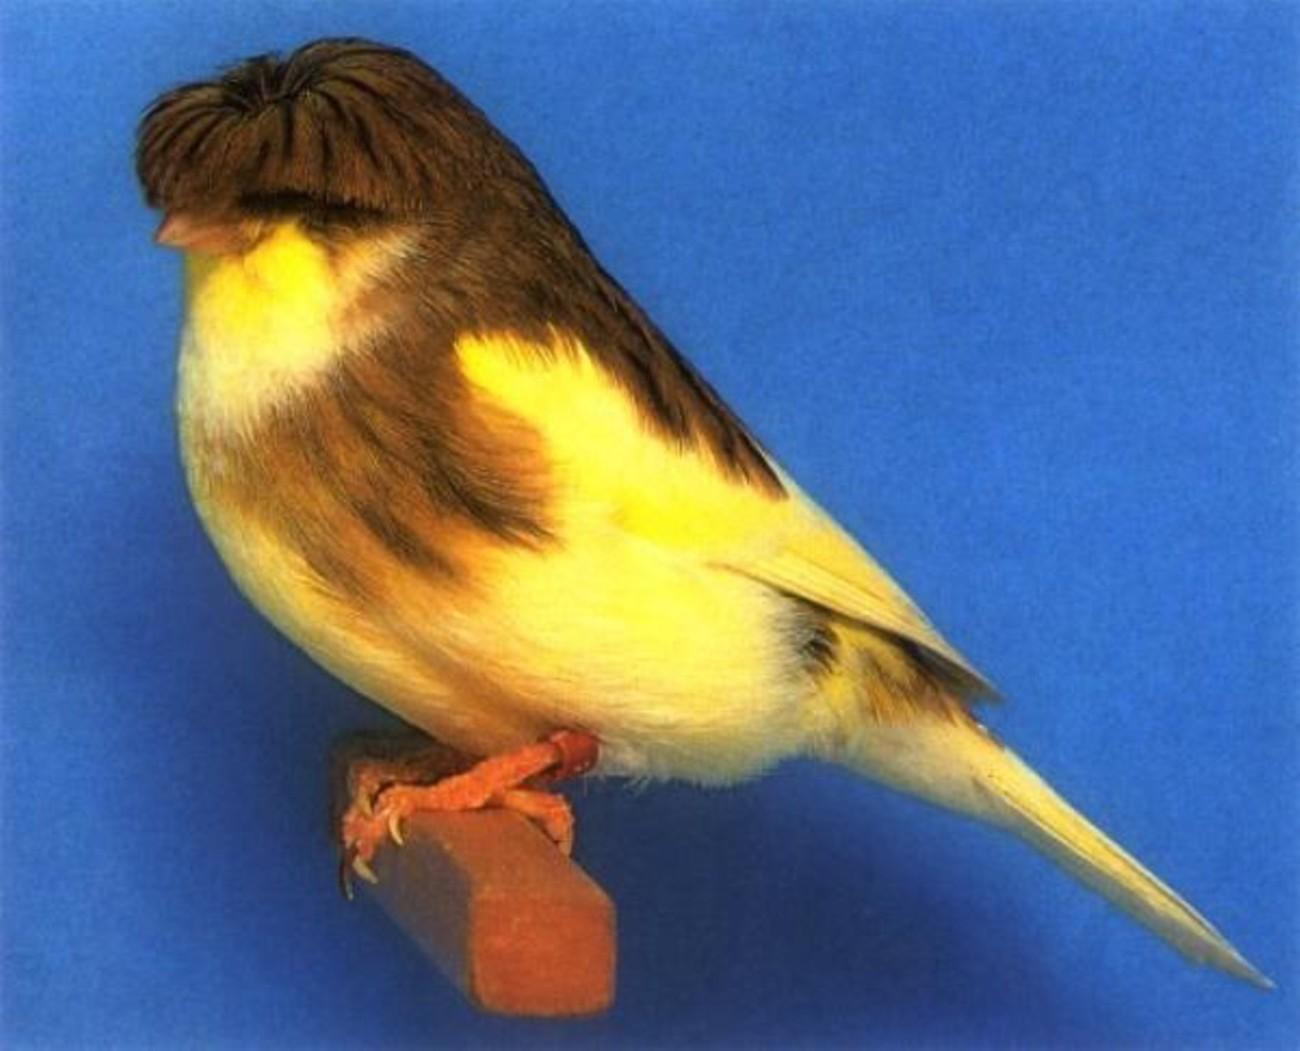 بالصور انواع الكناري , اجمل انواع طيور الزينه 2074 3